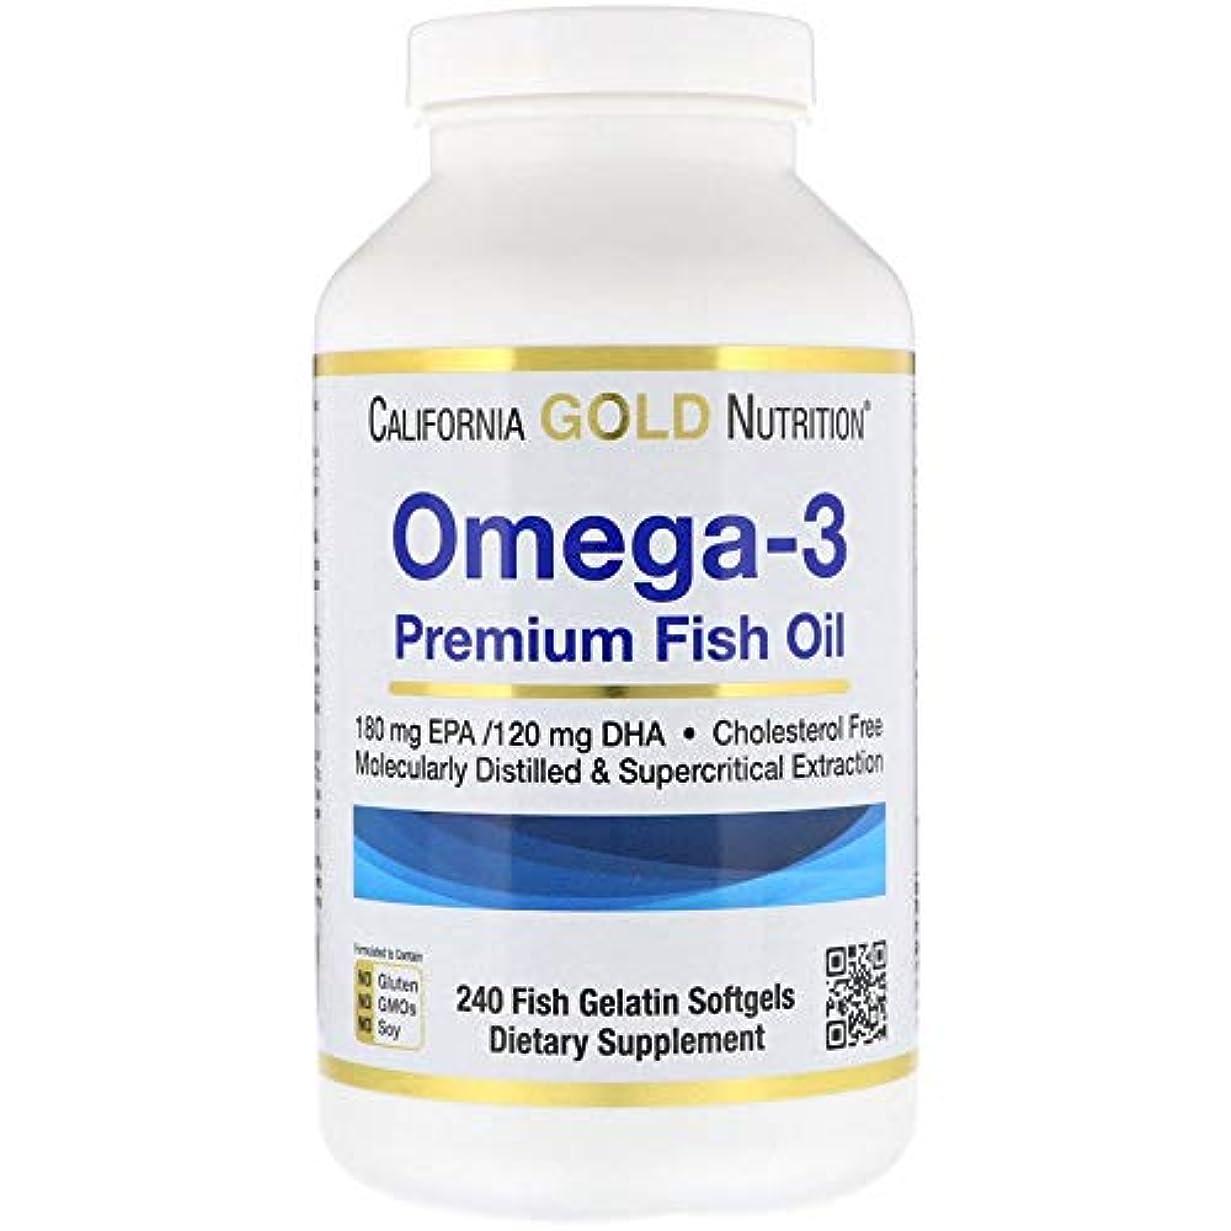 キャンドル熟す政策California Gold Nutrition Omega-3 Premium オメガ3 フィッシュオイル お買い得 240粒 X 2 パックFish Gelatin Softgels [並行輸入品] FjgH